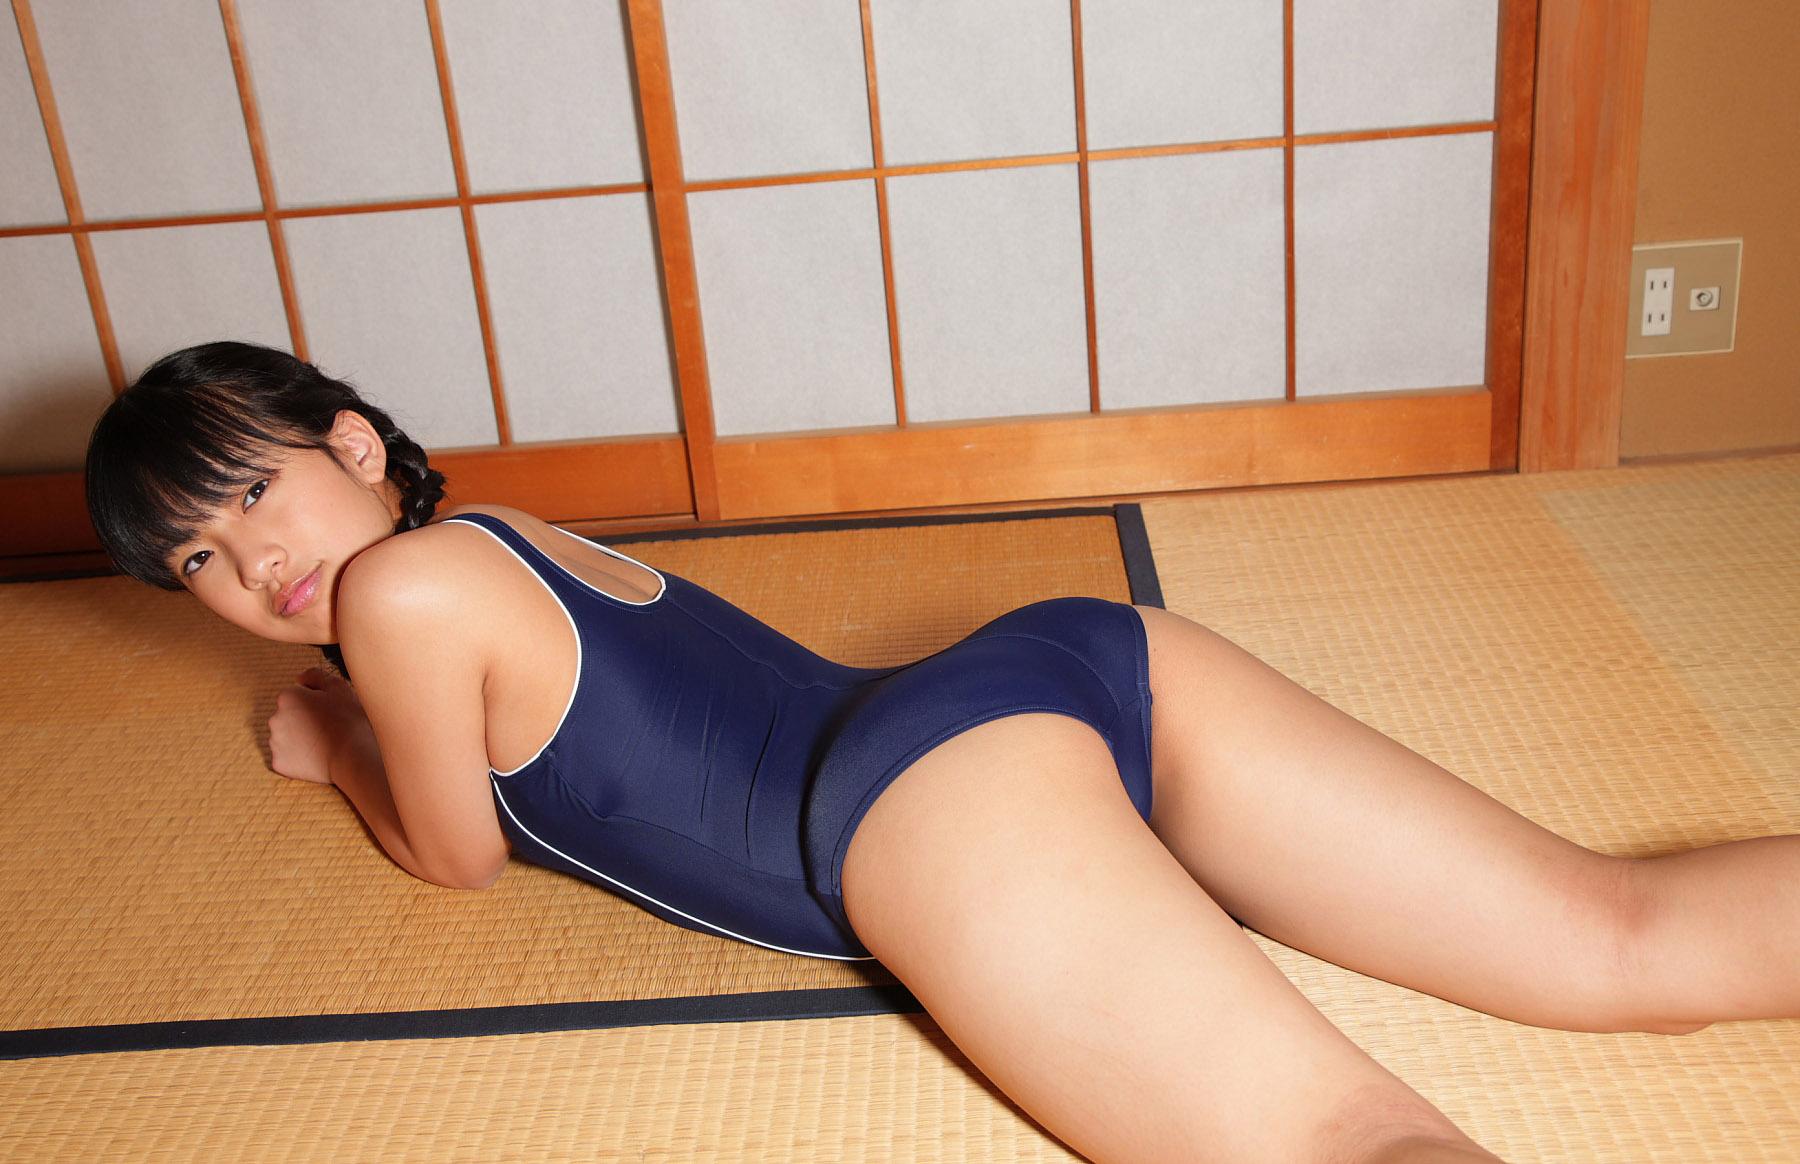 ジュニアアイドルたち [無断転載禁止]©2ch.net->画像>6624枚